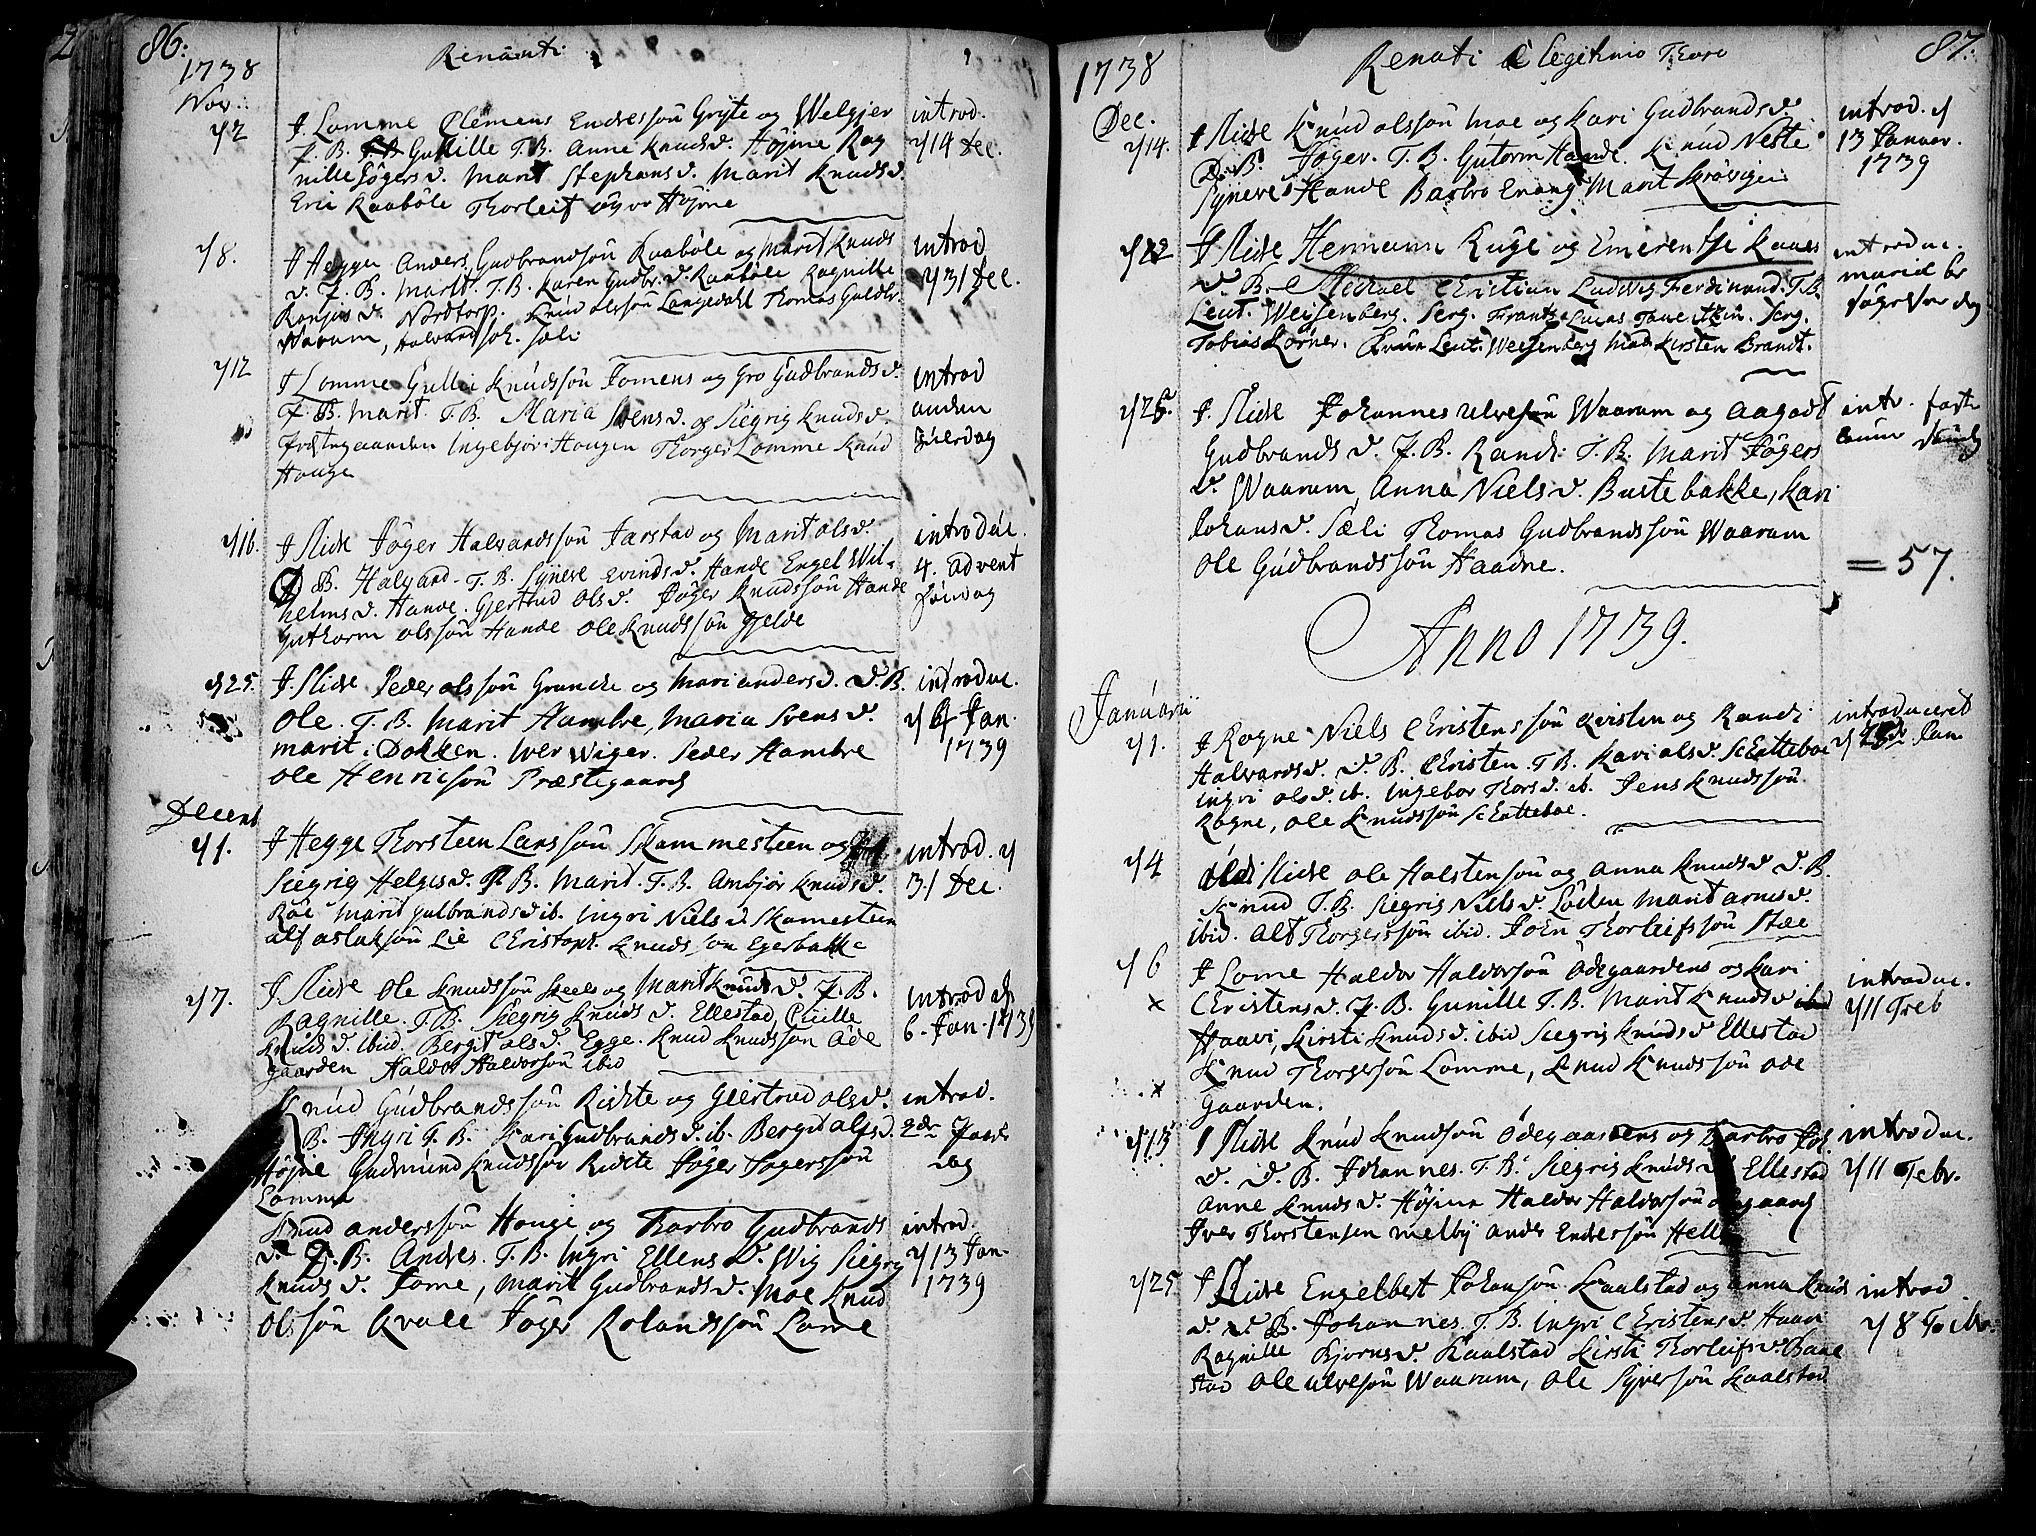 SAH, Slidre prestekontor, Ministerialbok nr. 1, 1724-1814, s. 86-87